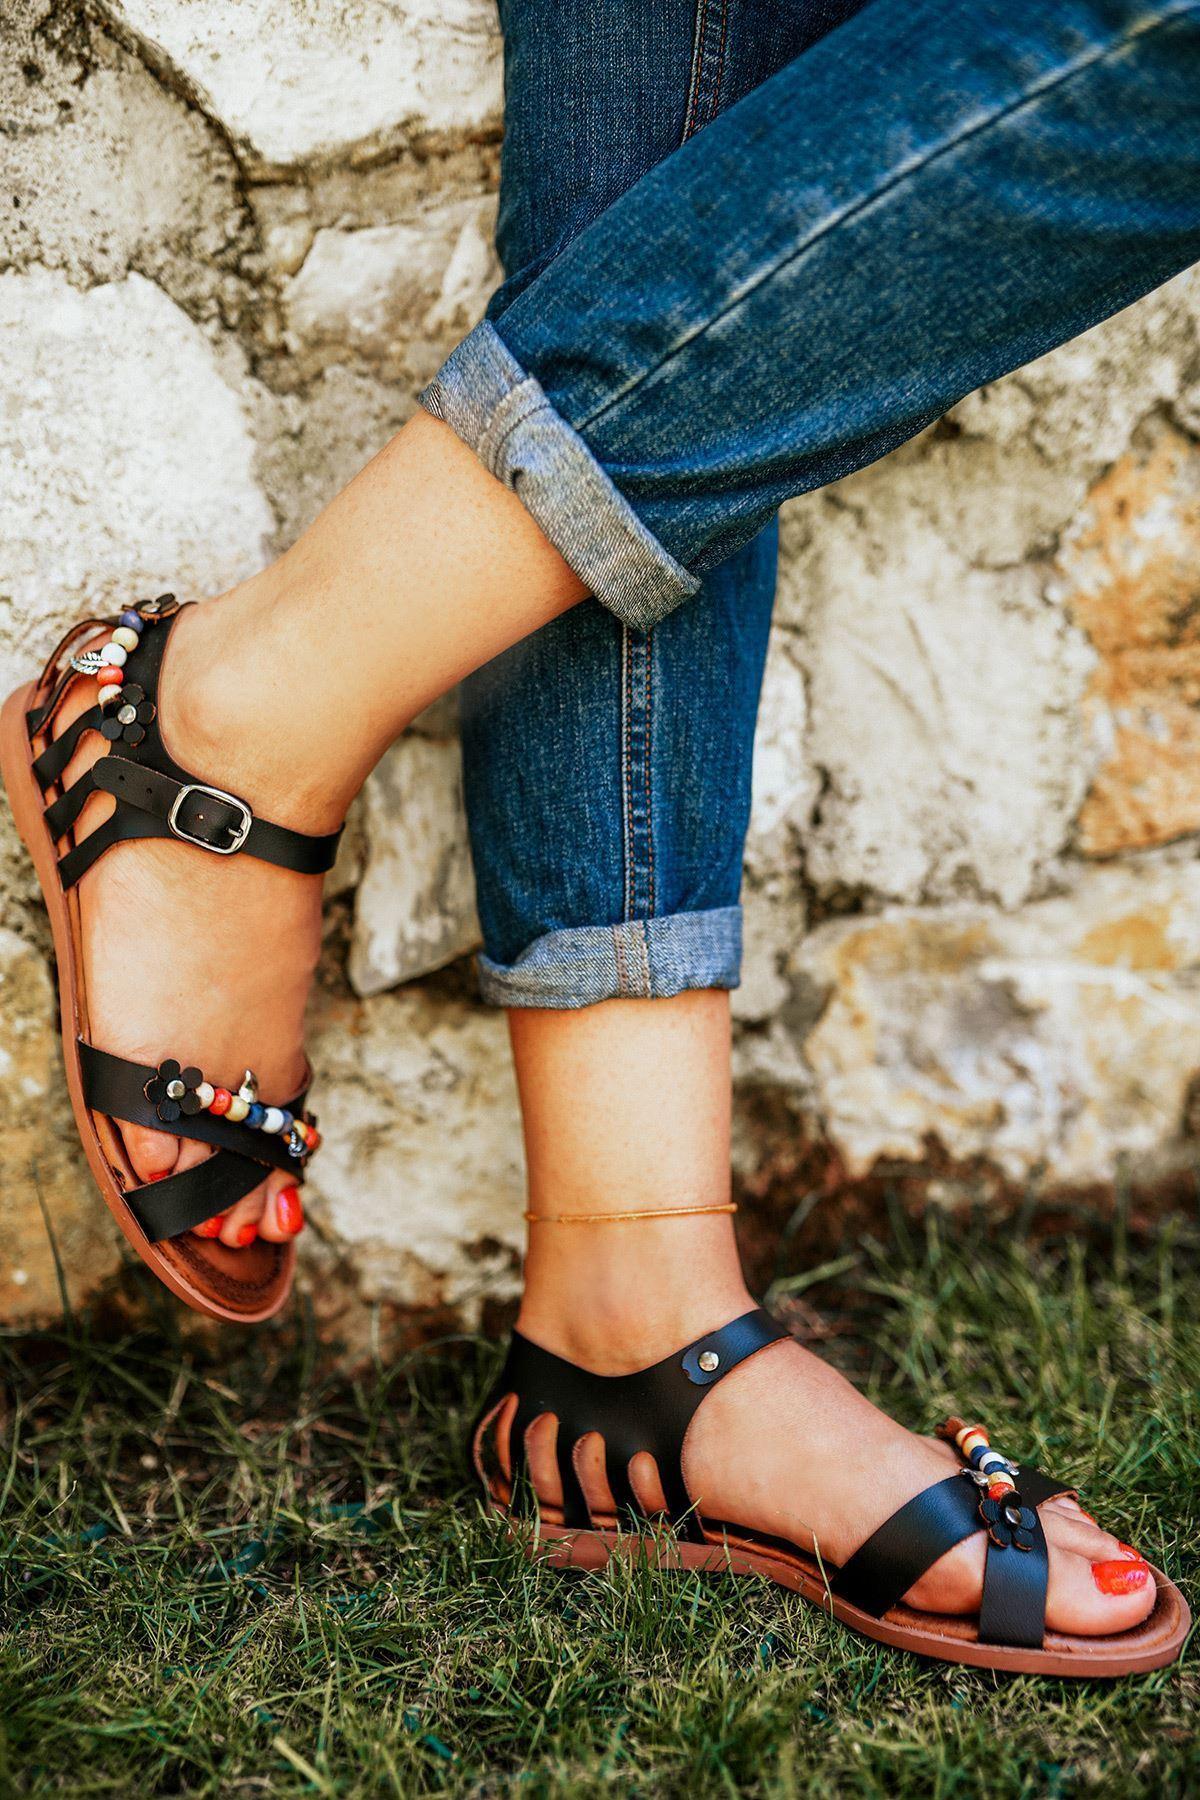 Fabio Siyah Deri Sandalet